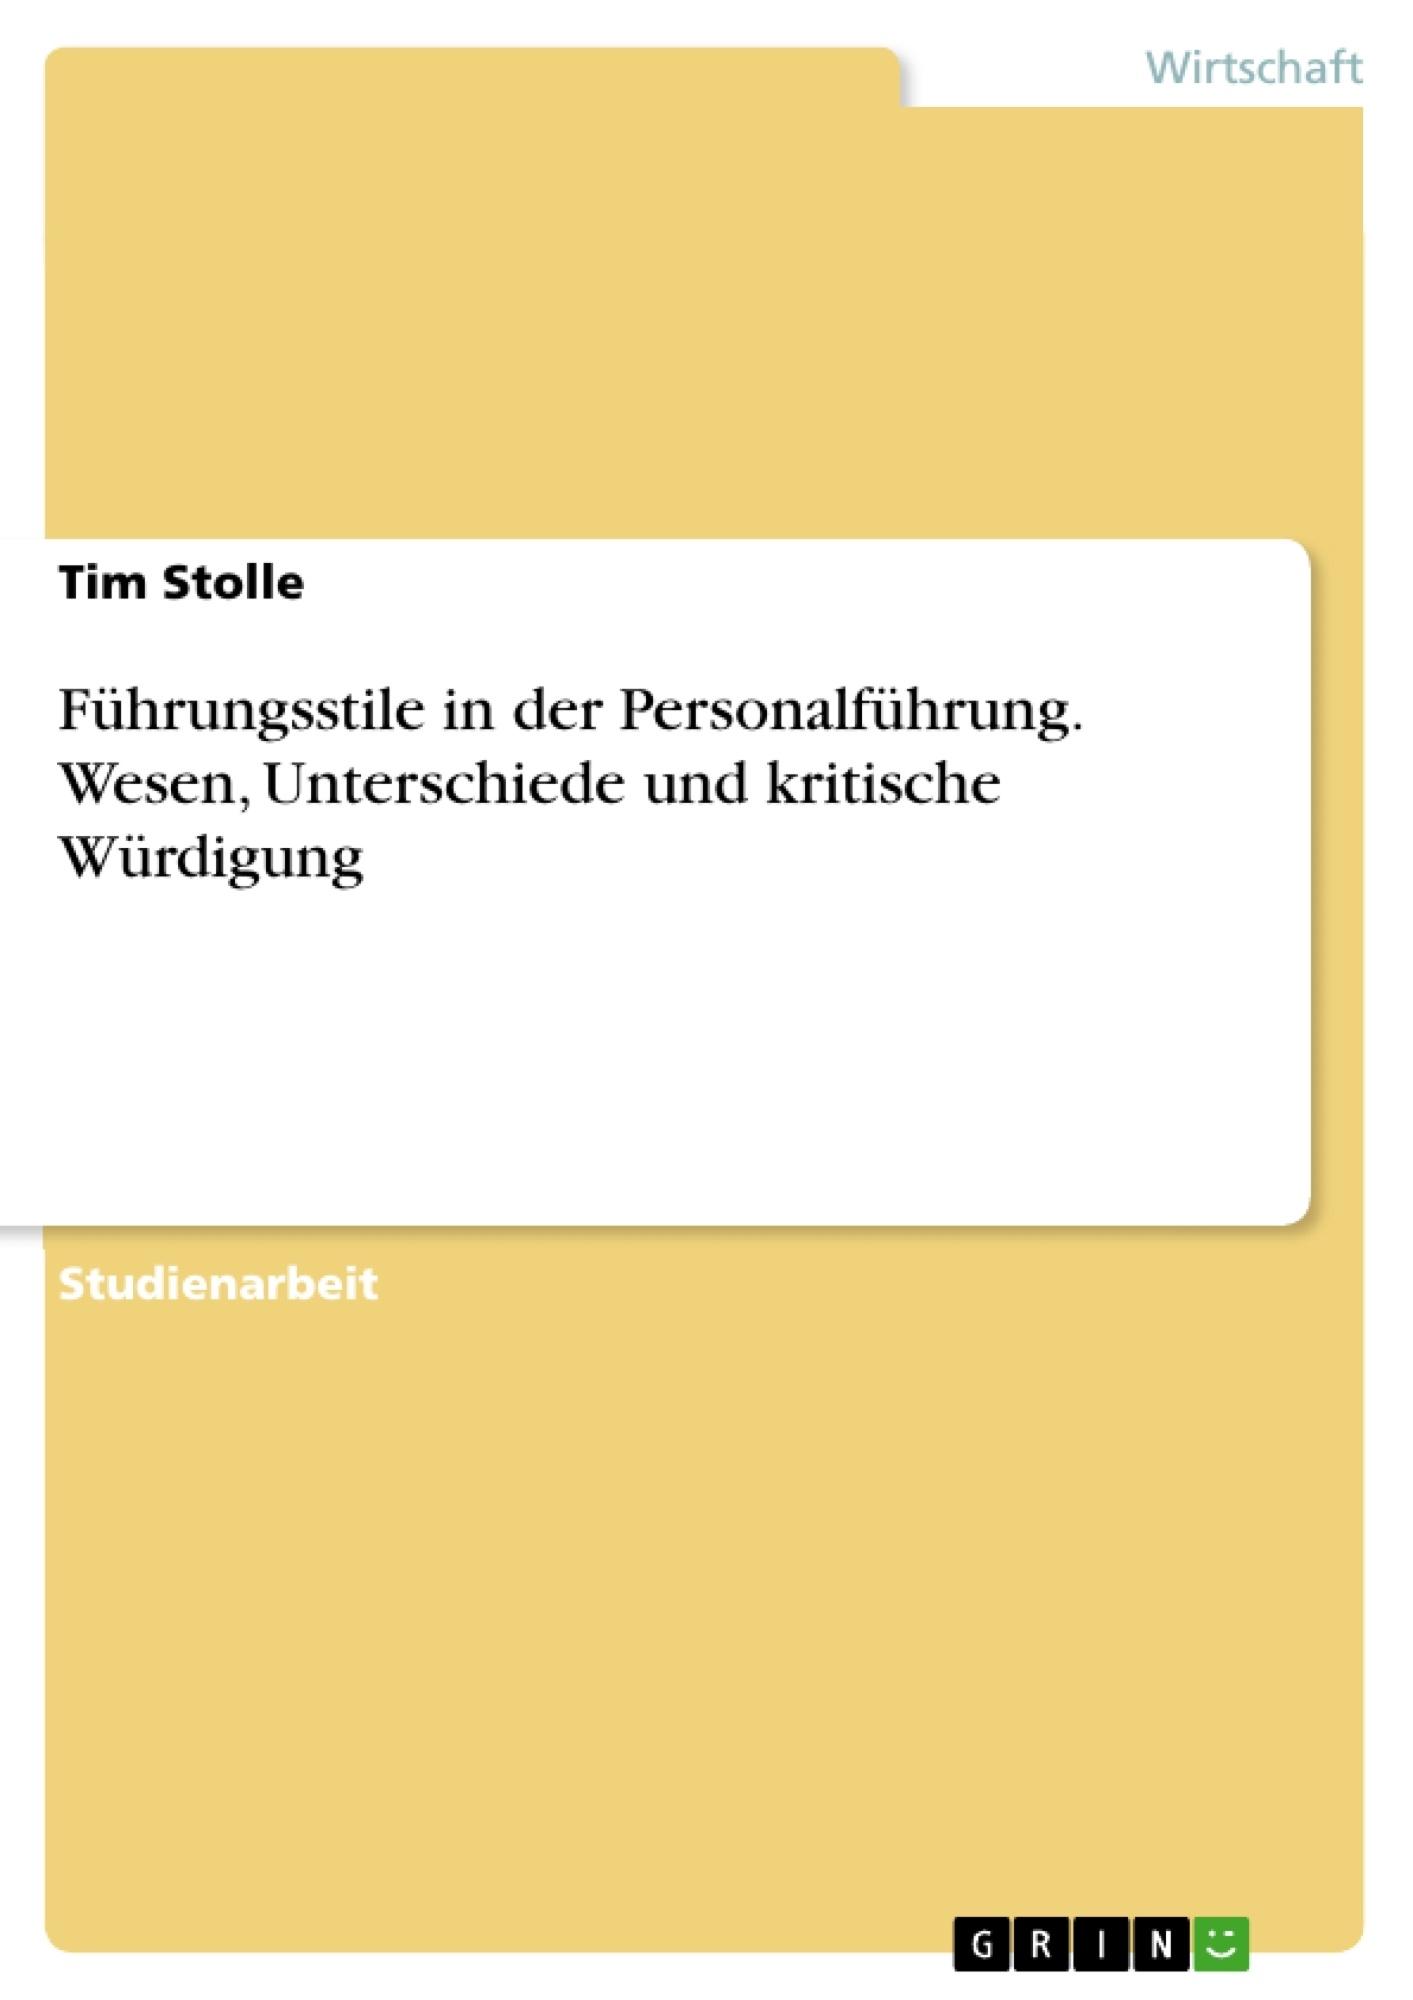 Titel: Führungsstile in der Personalführung. Wesen, Unterschiede und kritische Würdigung